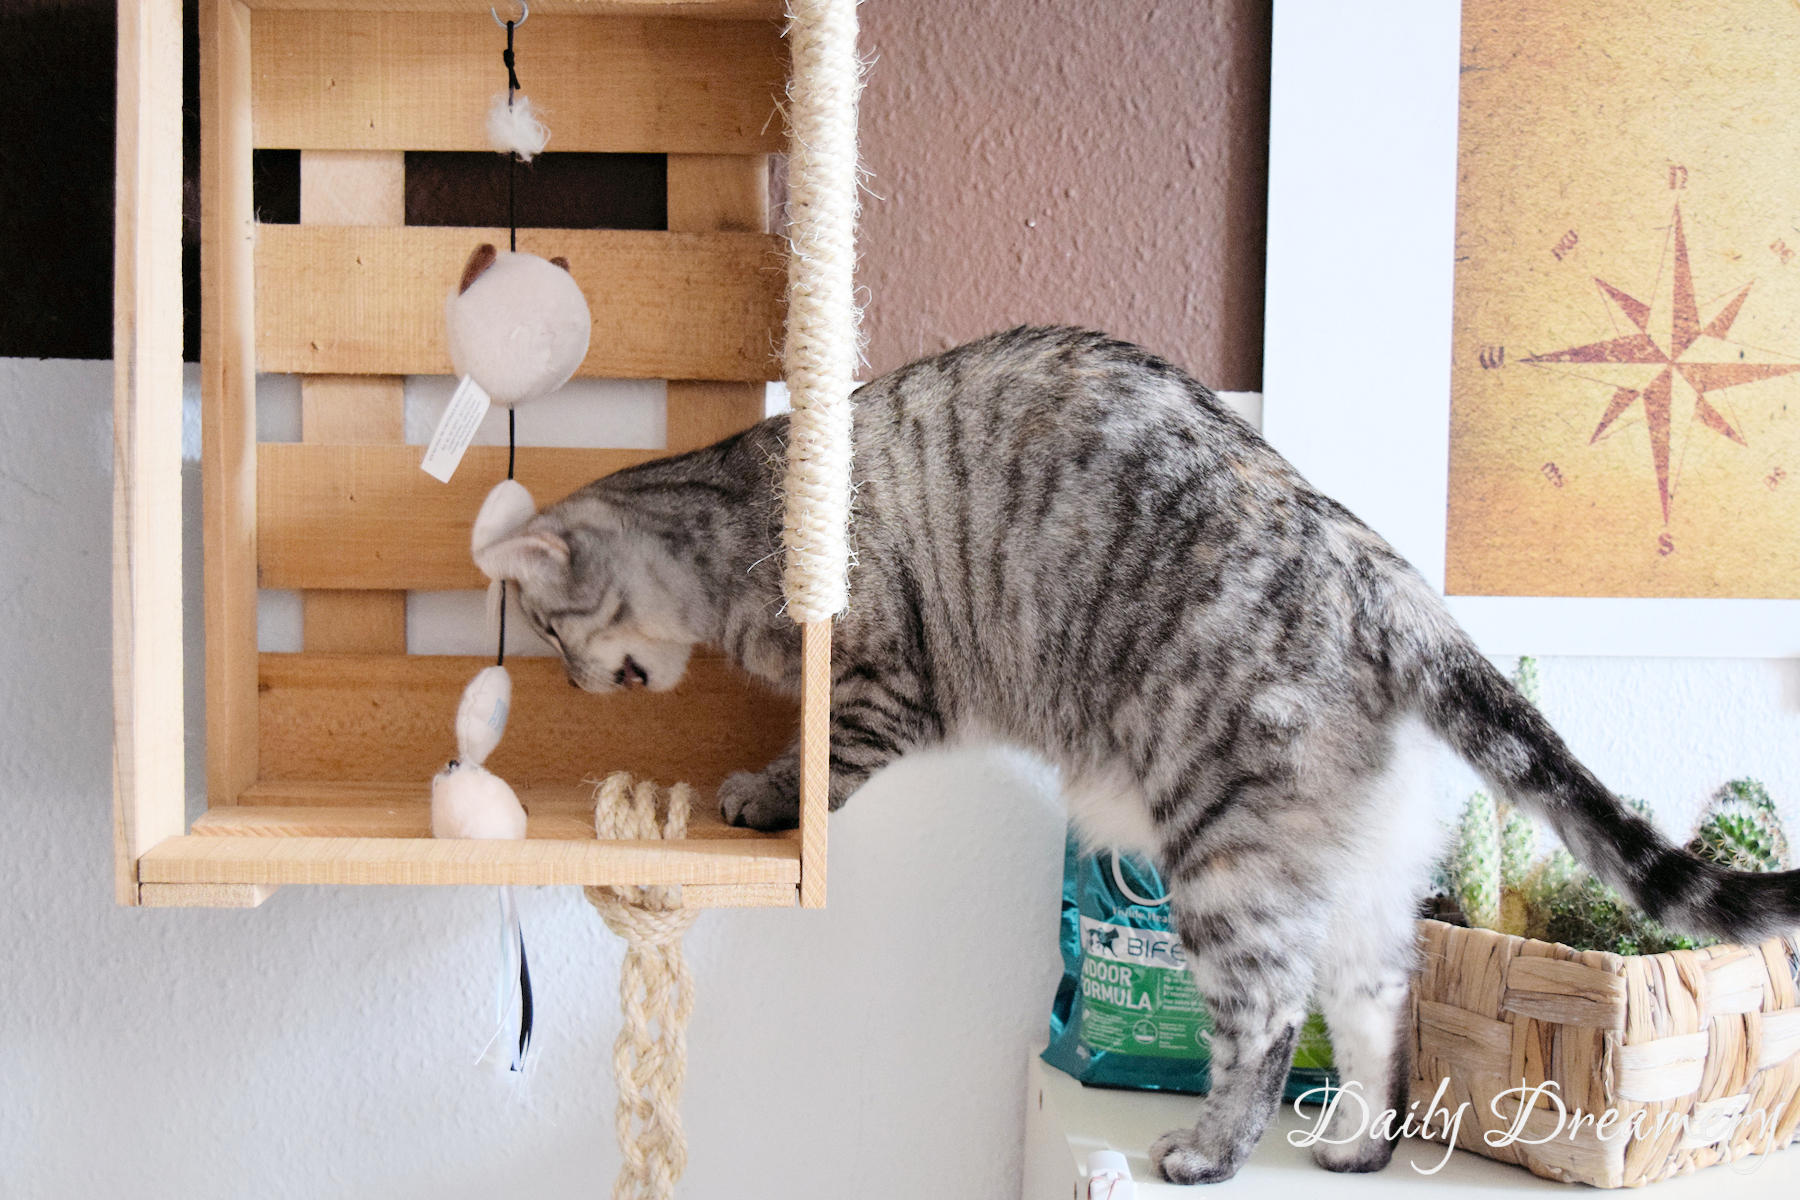 Bekannt DIY-Katzenspielzeug-Kletterwand-Wohnungskatzen-Purina-8 – Daily KR69